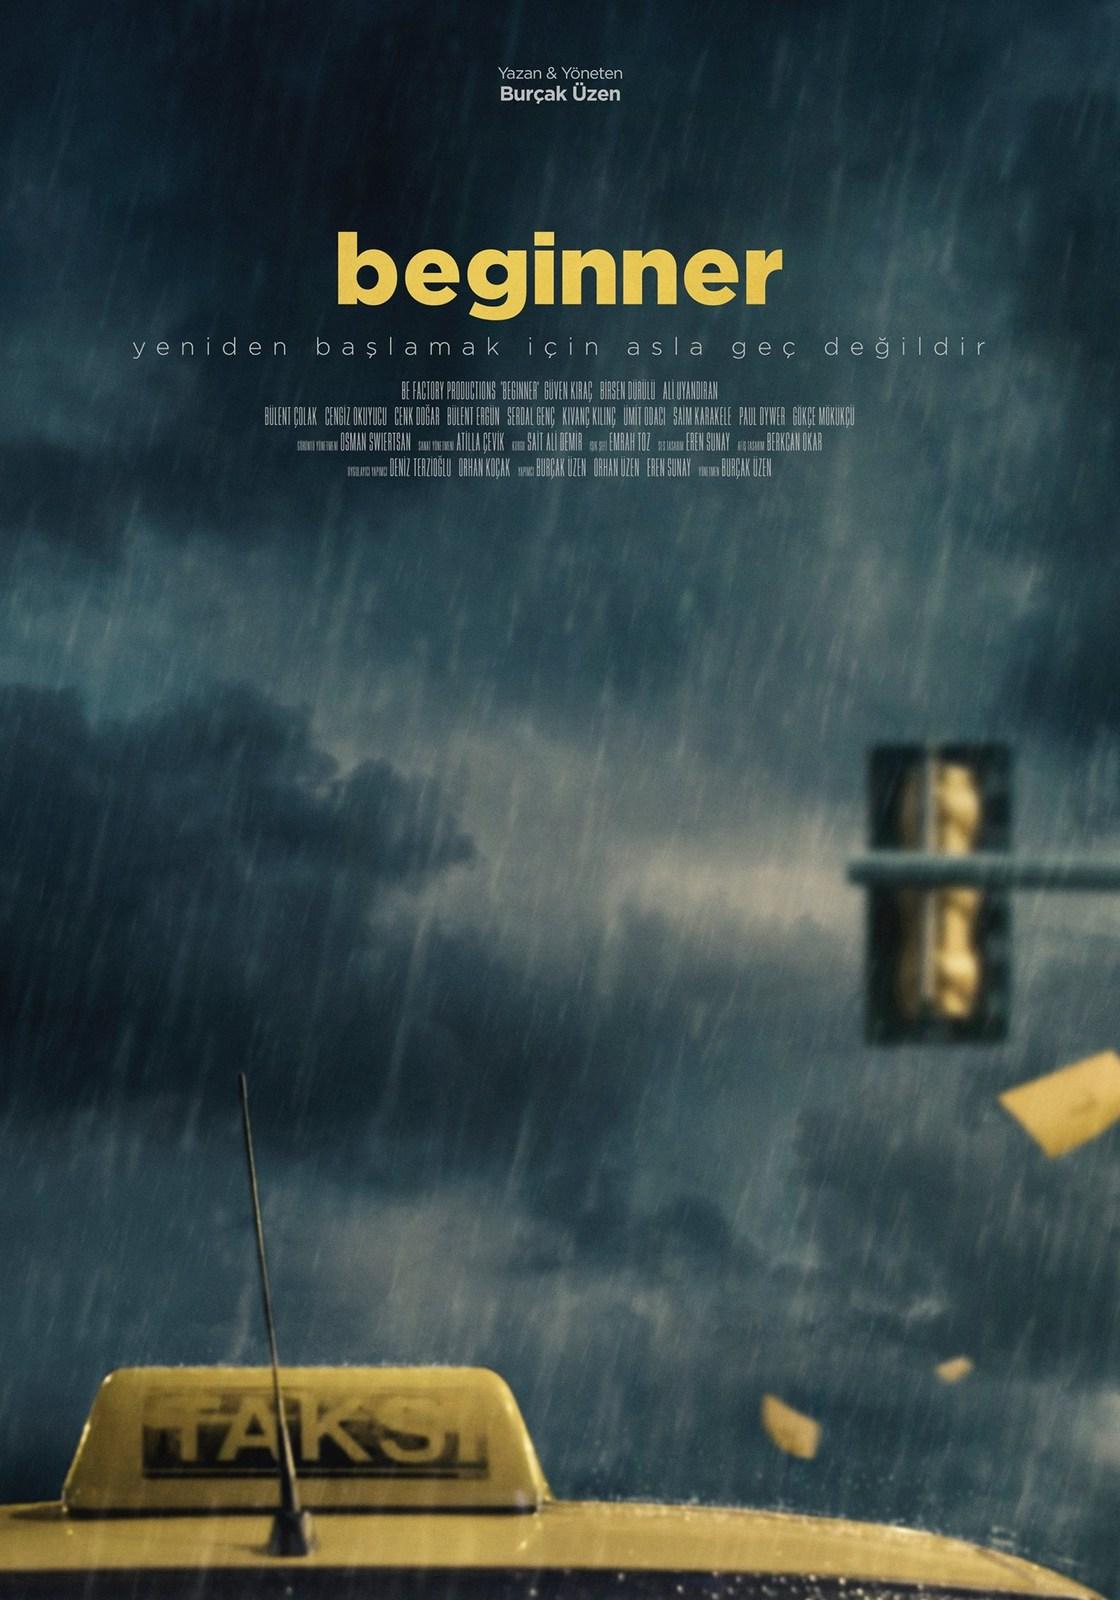 Beginner (13).jpg